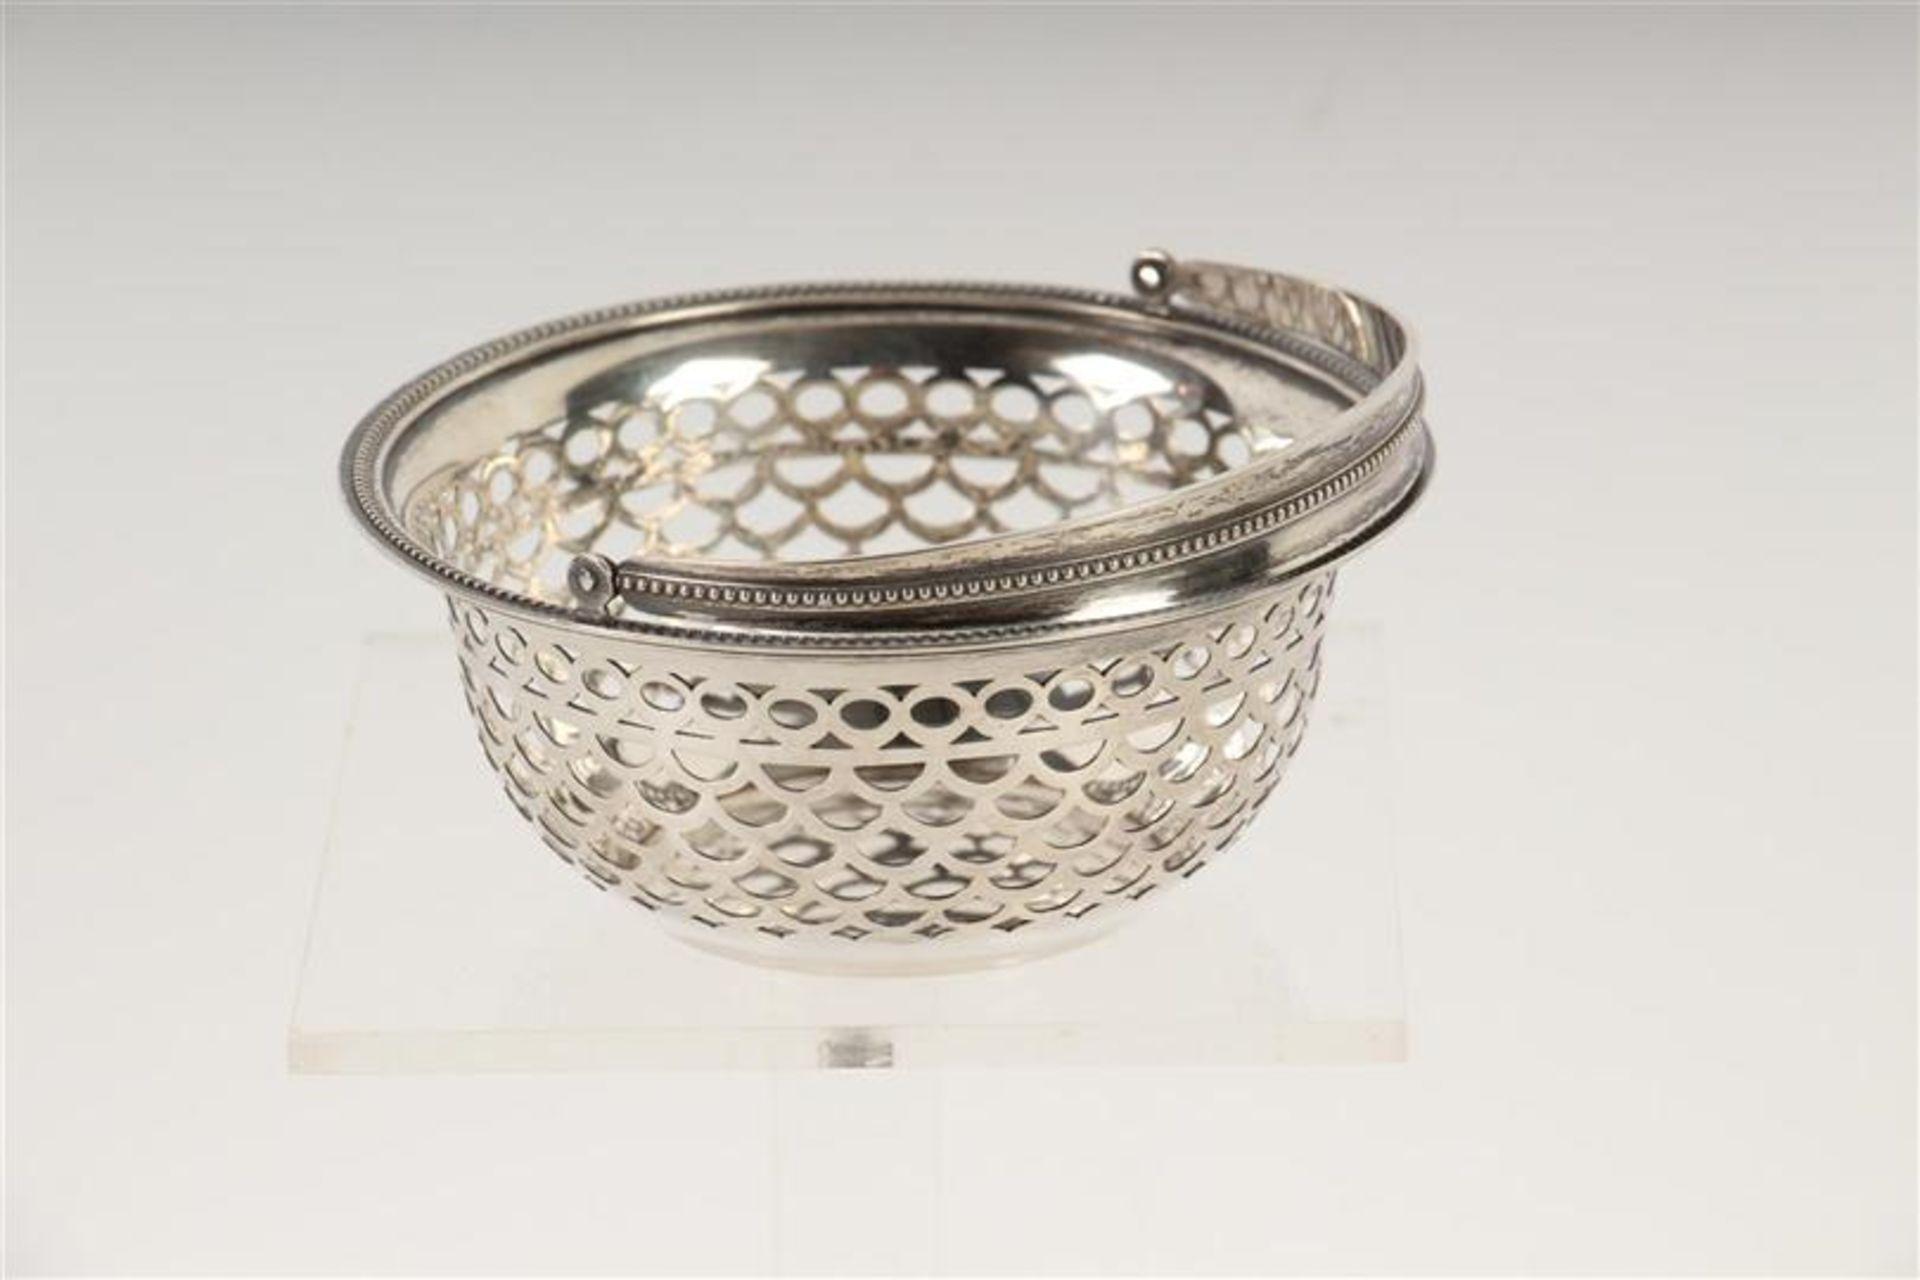 Los 45 - Rond ajour zilveren hengselmandje met parelrand, Hollands gekeurd. D: 10 cm.